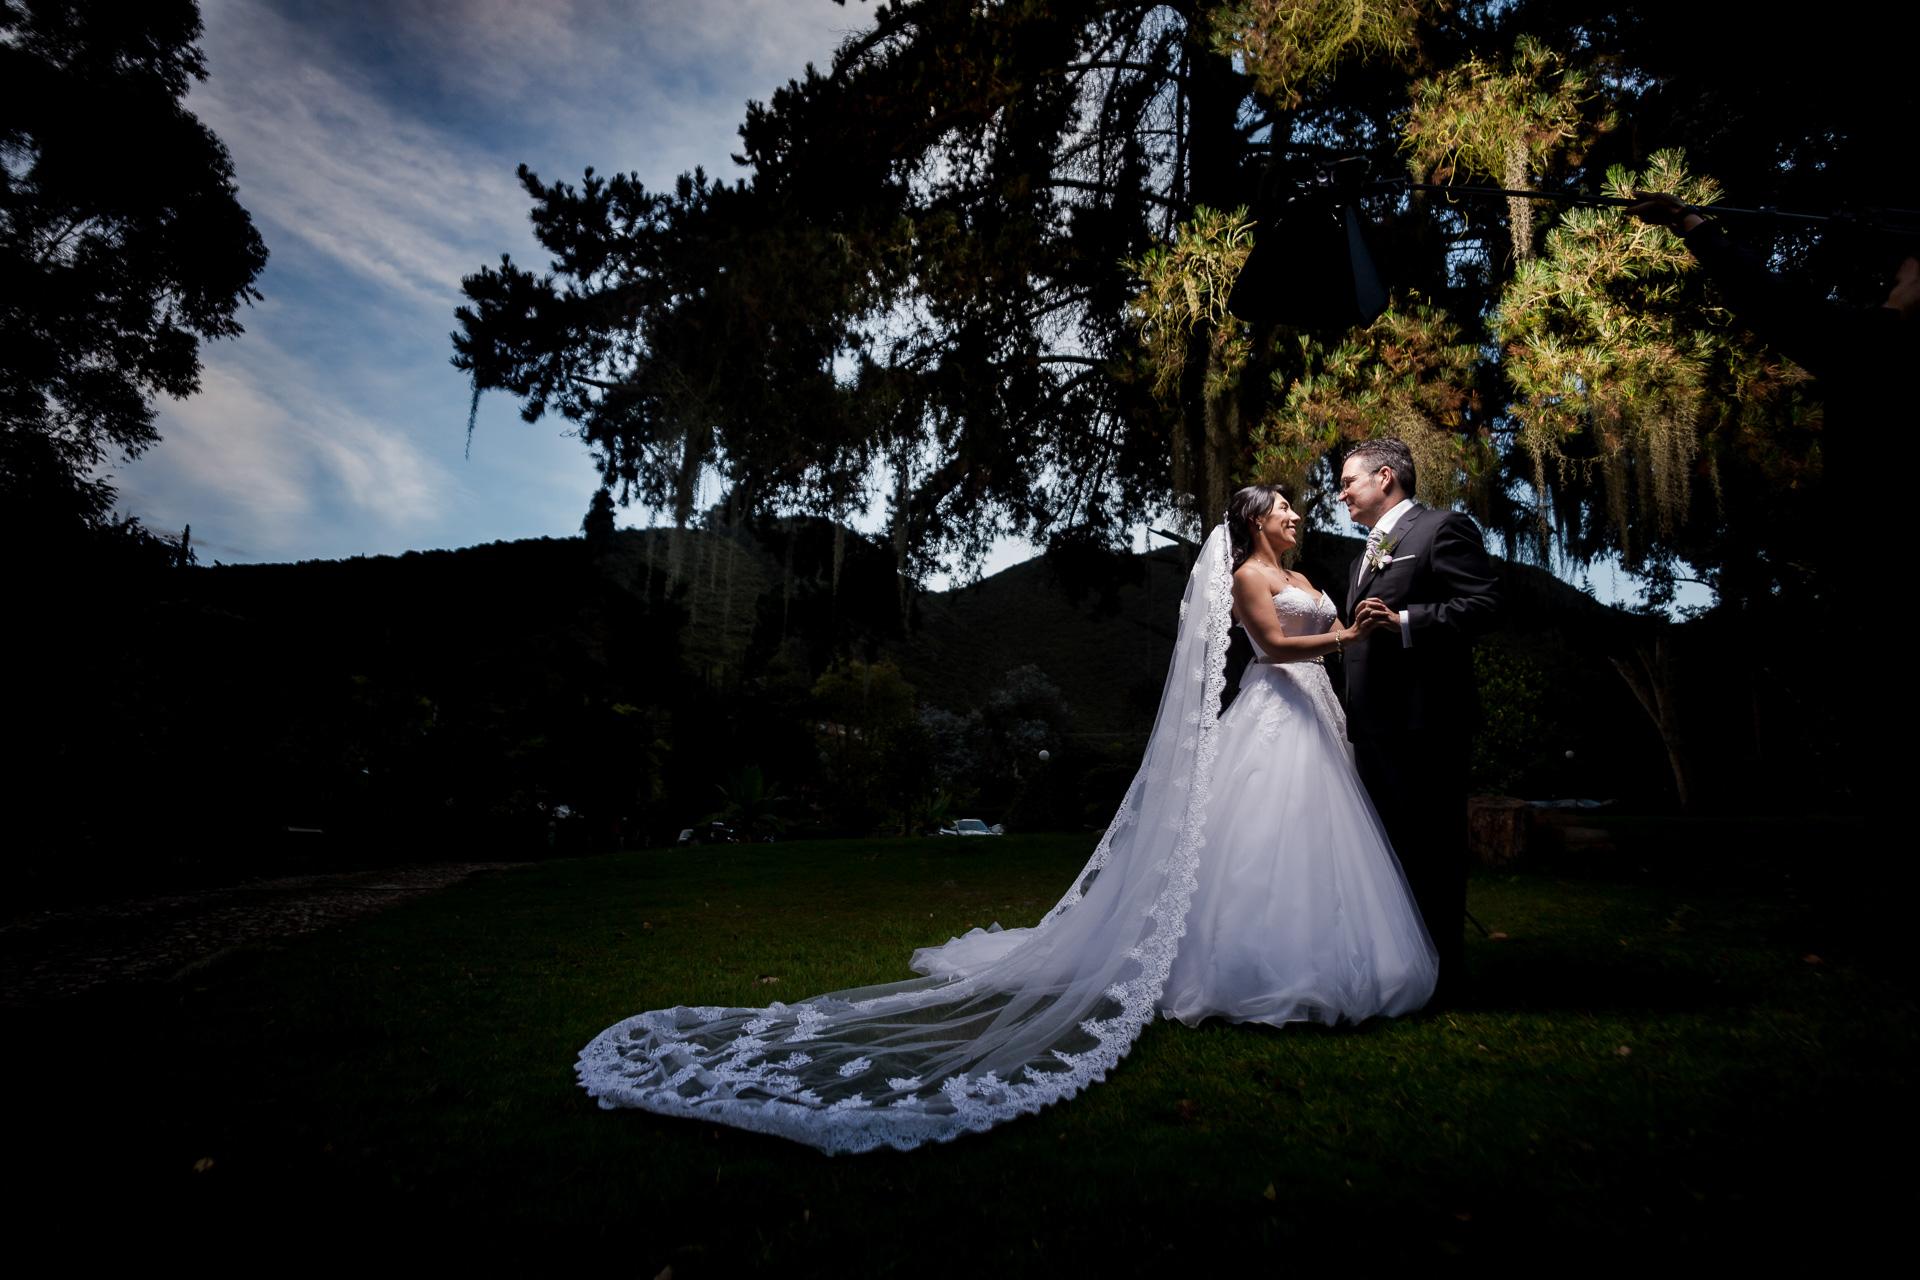 Fotógrafos-de-bodas-en-Colombia-Angela-y-Antonio-38 ANGELA Y ANTONIO